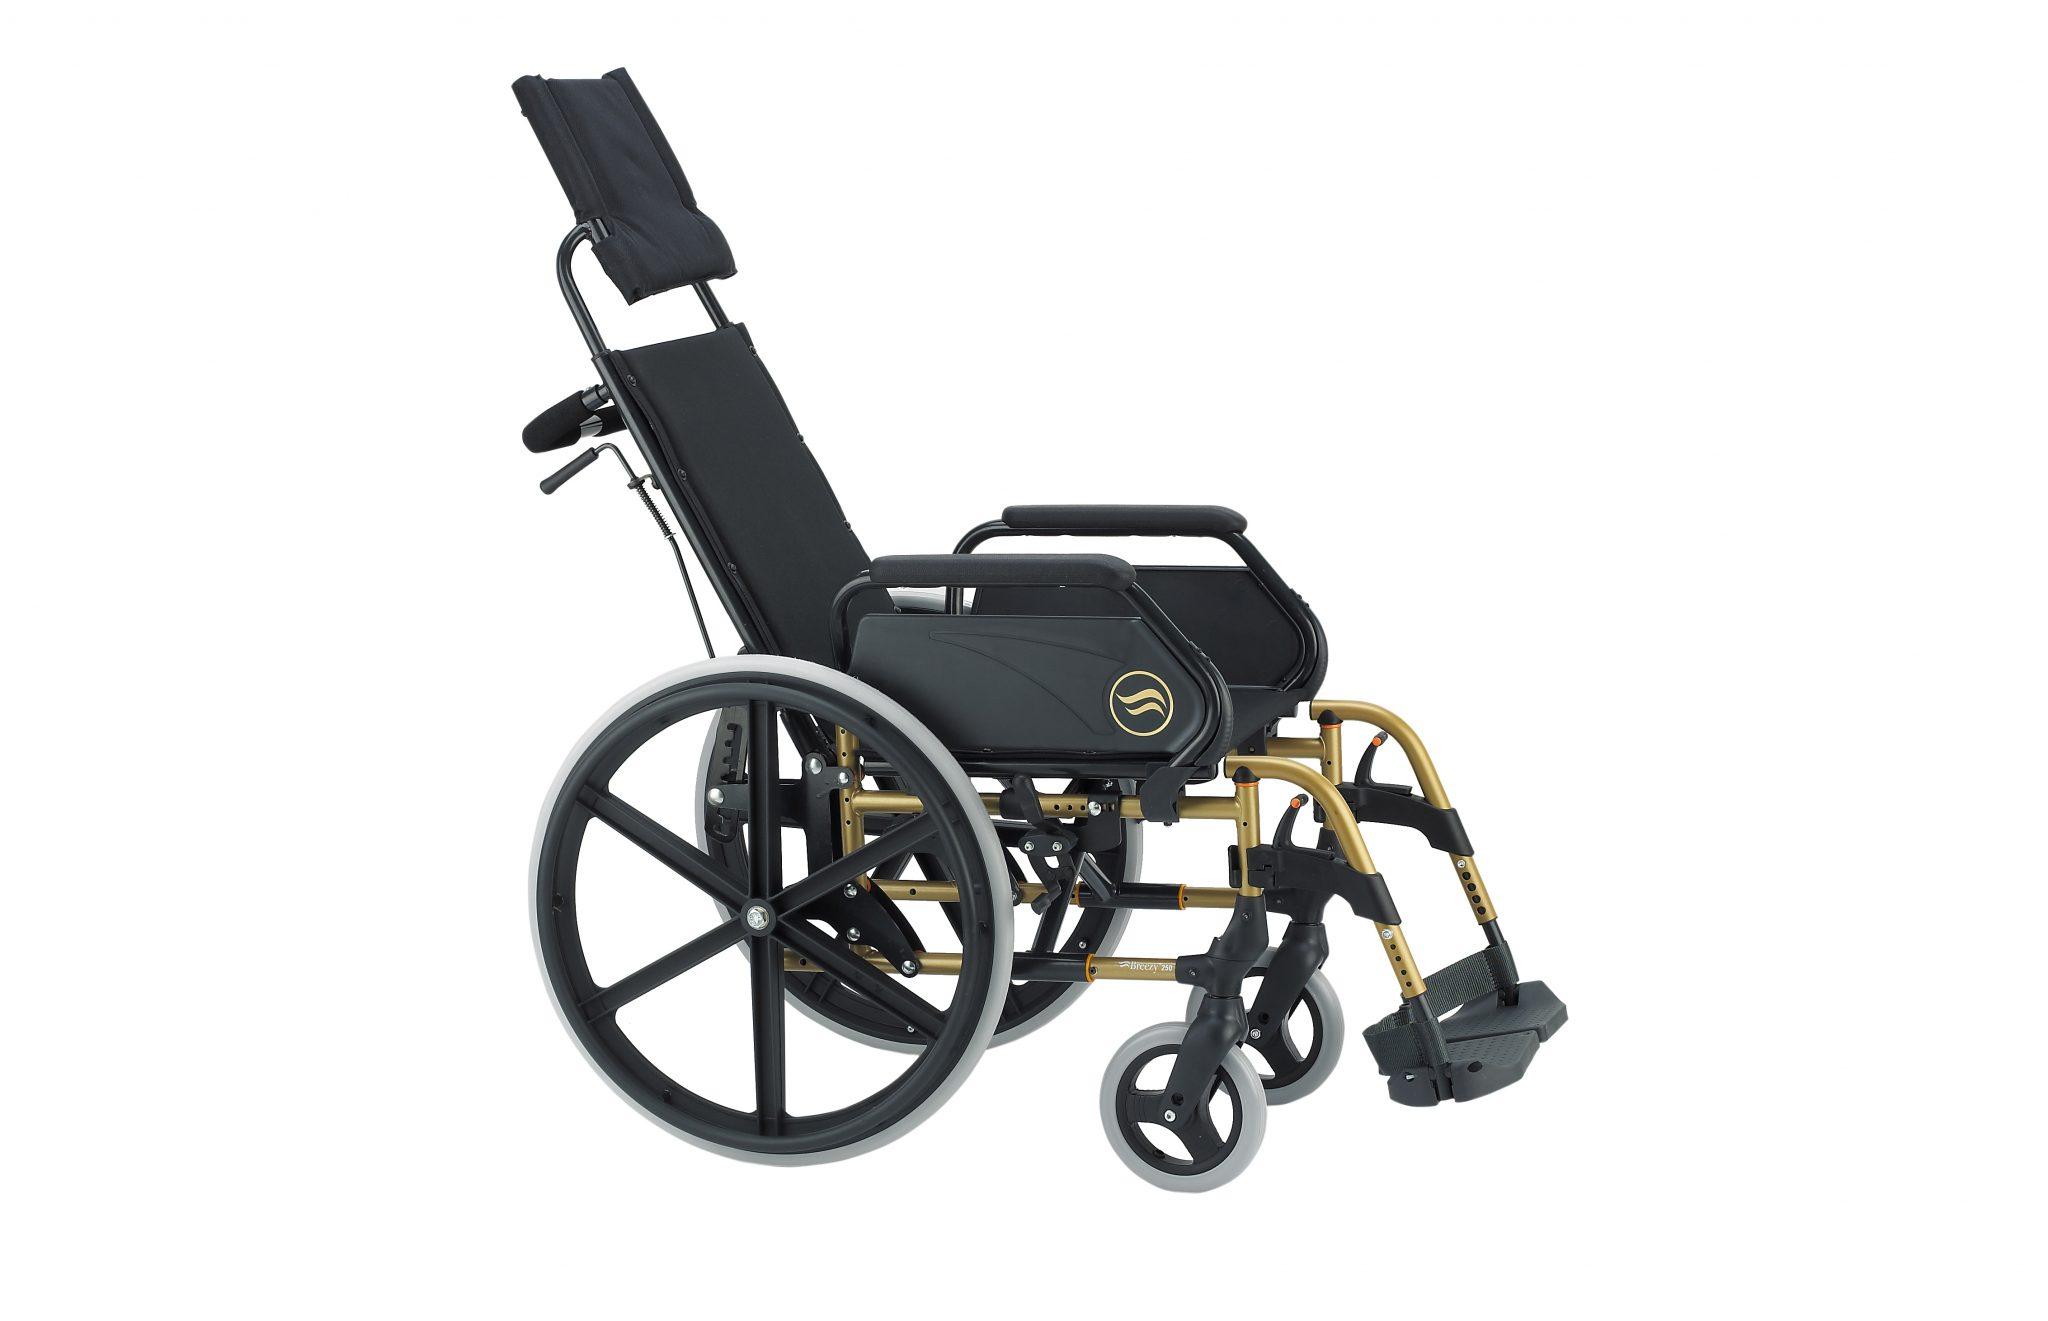 Cadeira de rodas manual, preta com vista dourada, vista de lado.